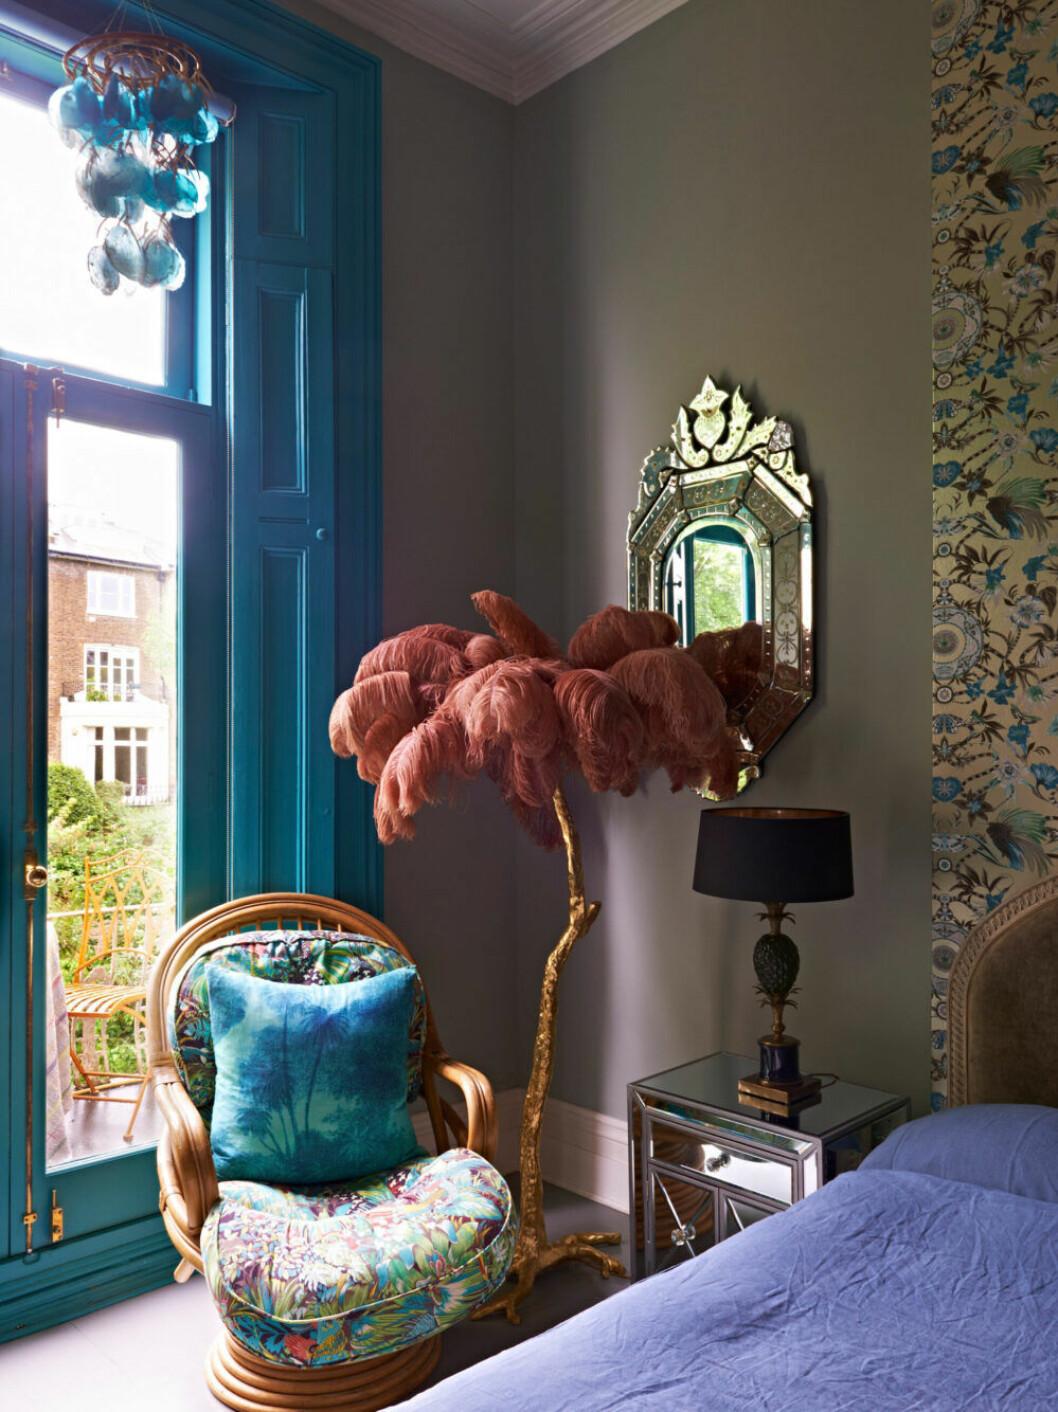 Rosa palminspirerad lampa och färgglada textilier hemma hos designern Matthew Williamson i London